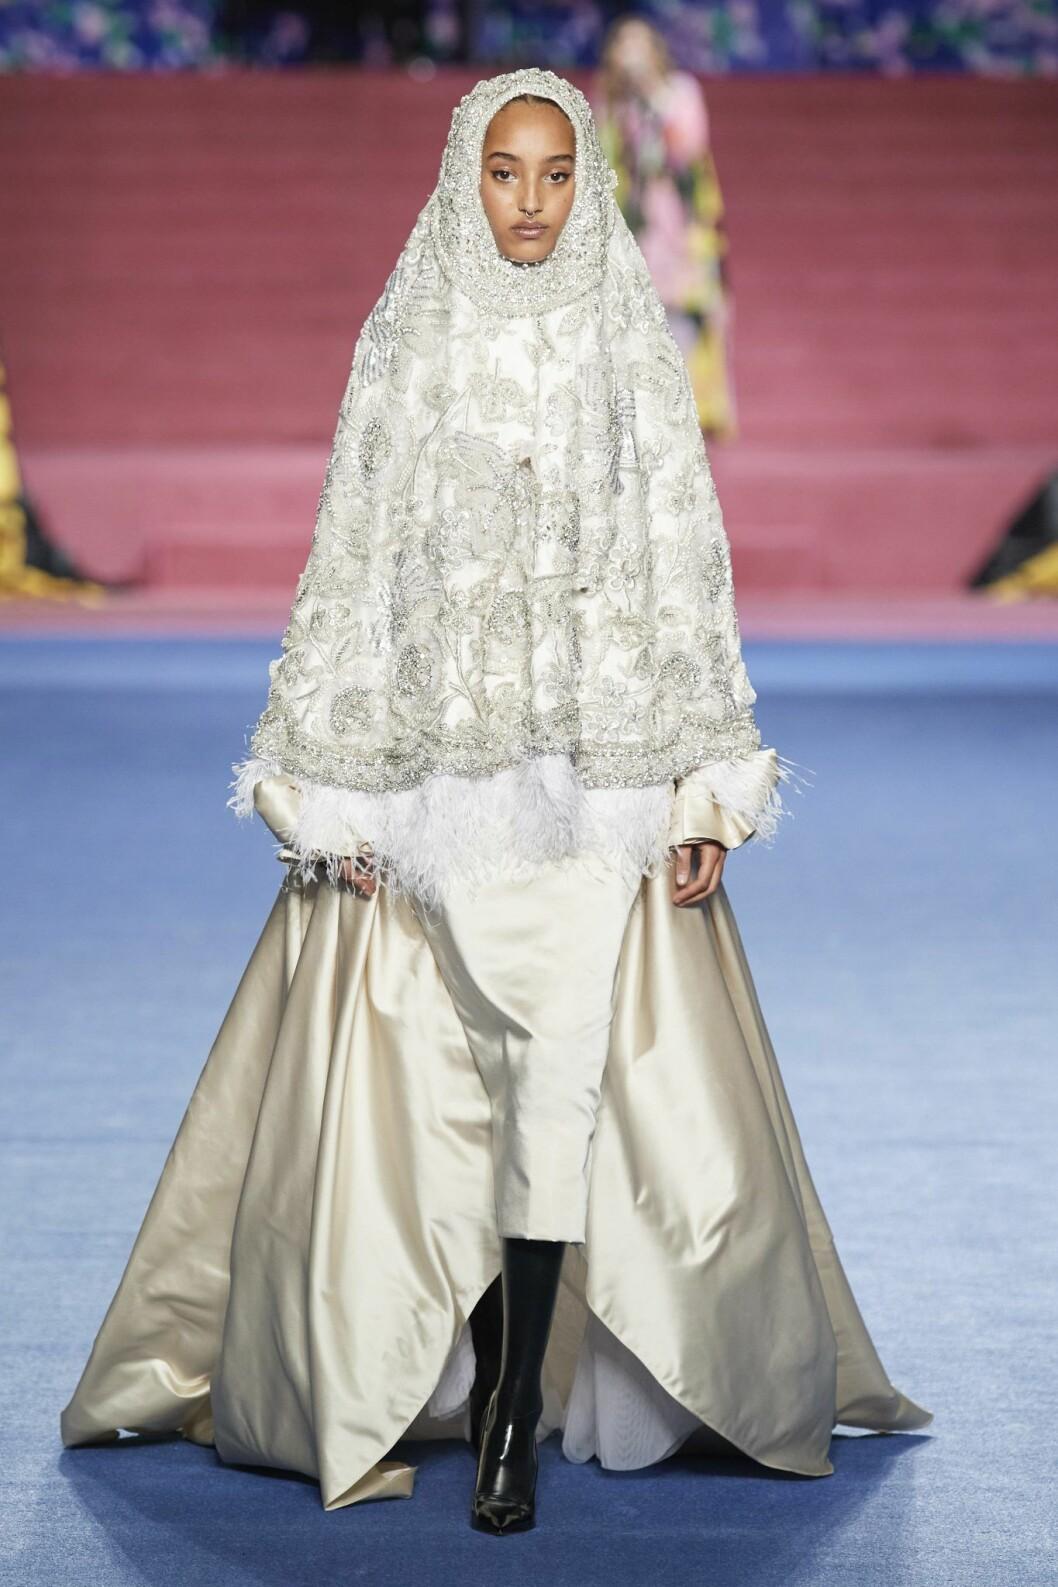 Bröllopsklänning modetrend 2020